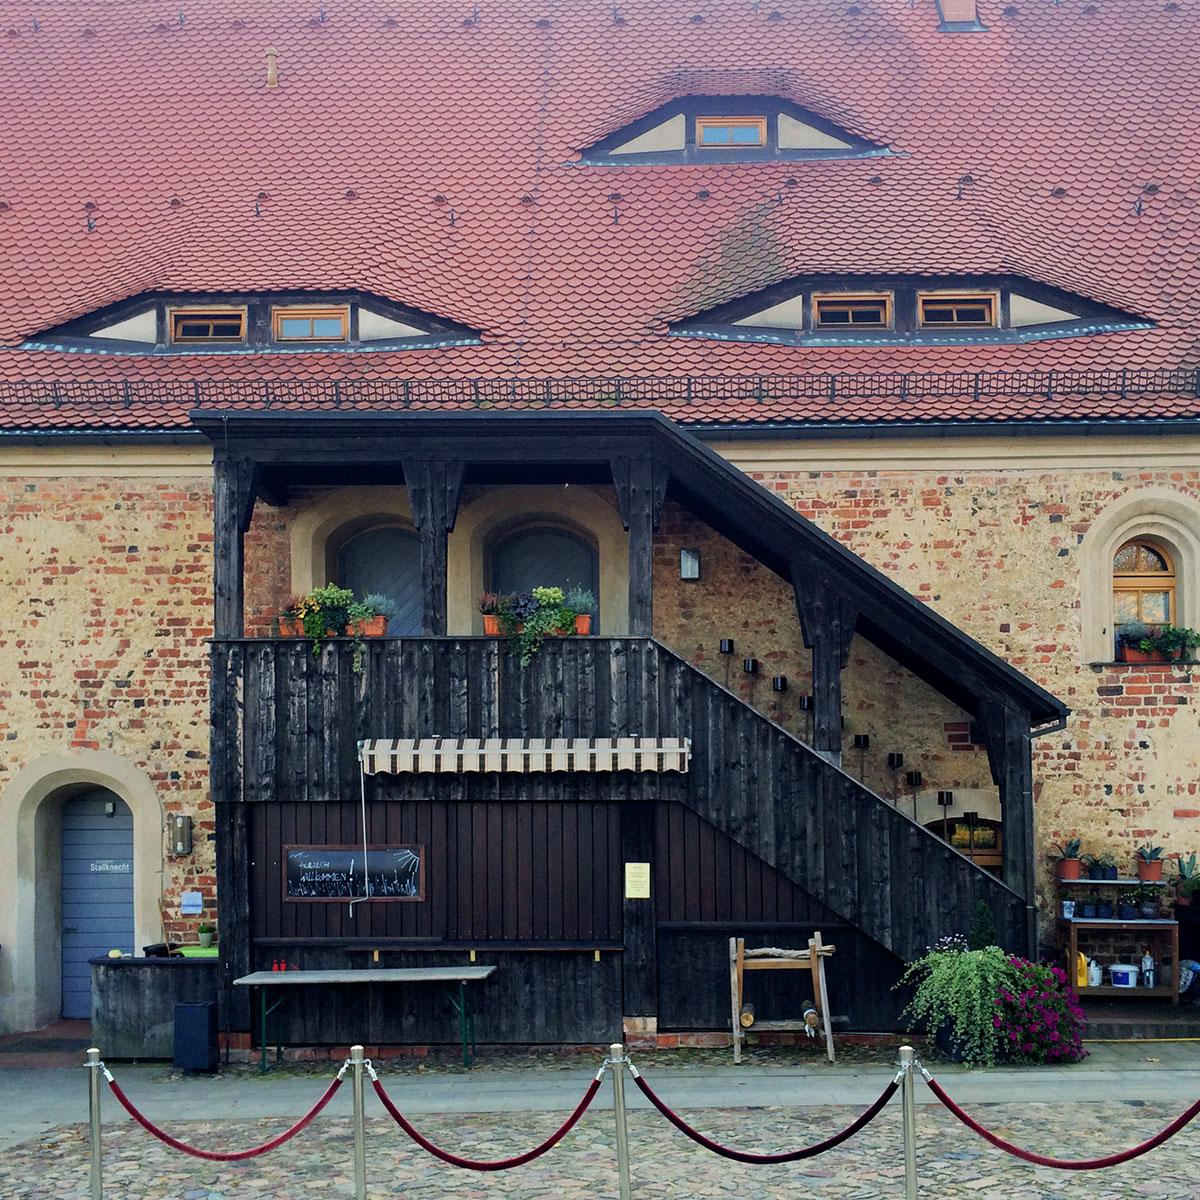 Das alte Salzlager beherbergt heute Restaurant und Hotel